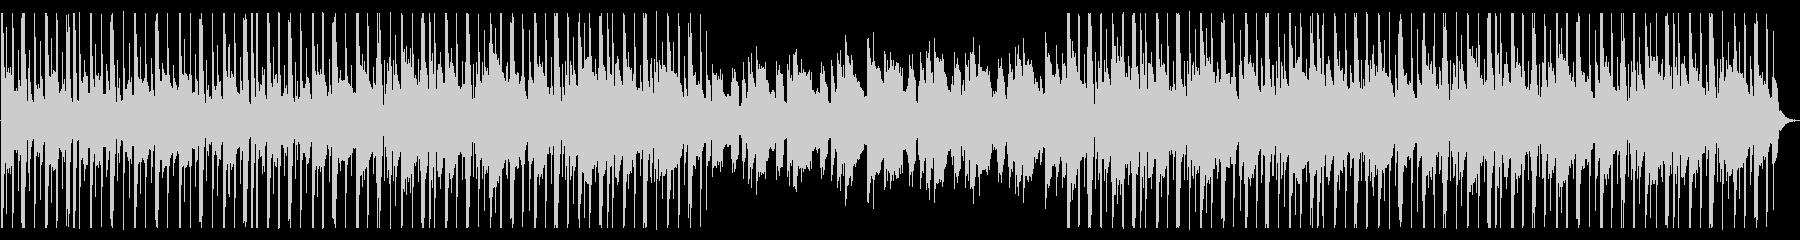 溶けそうなR&B_No635_1の未再生の波形